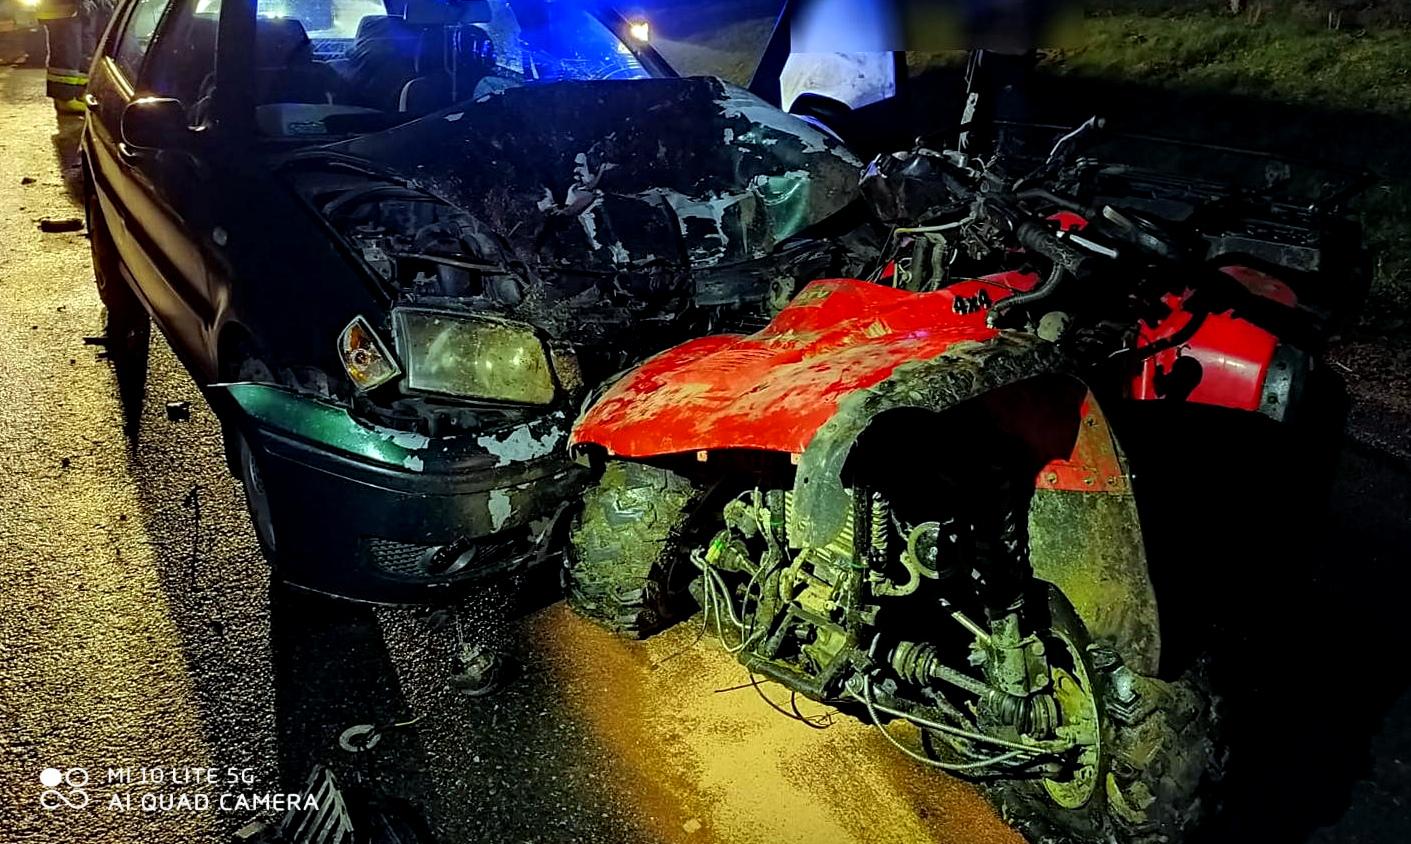 DYDNIA: Czołowe zderzenie quada z osobówką [FOTO] - Zdjęcie główne